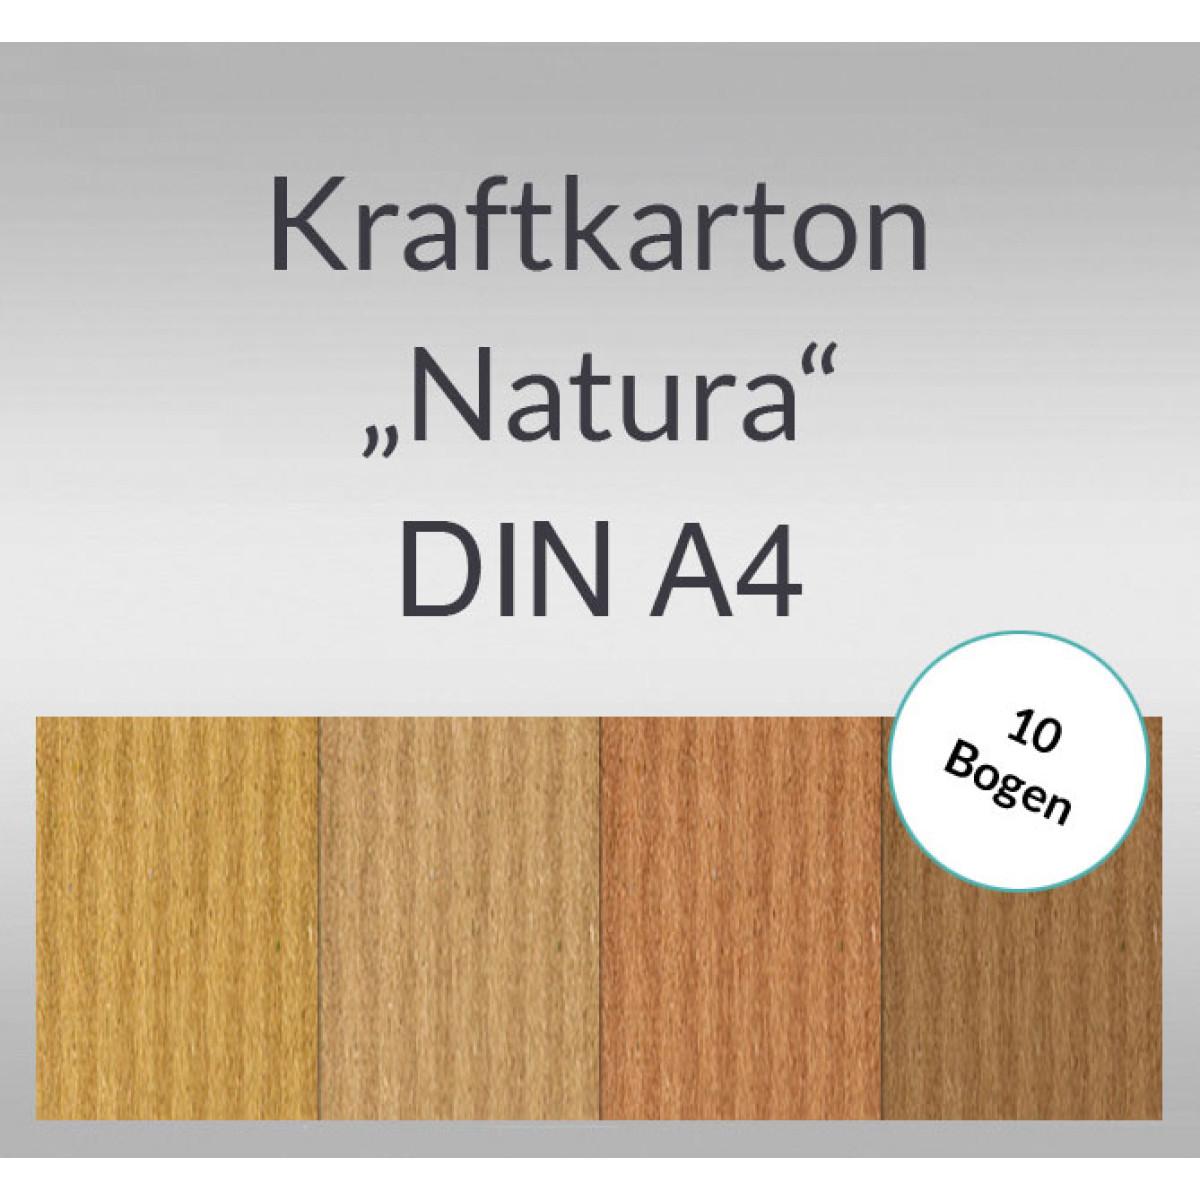 """Kraftkarton """"Natura"""" DIN A4 - 16 Blatt sortiert"""